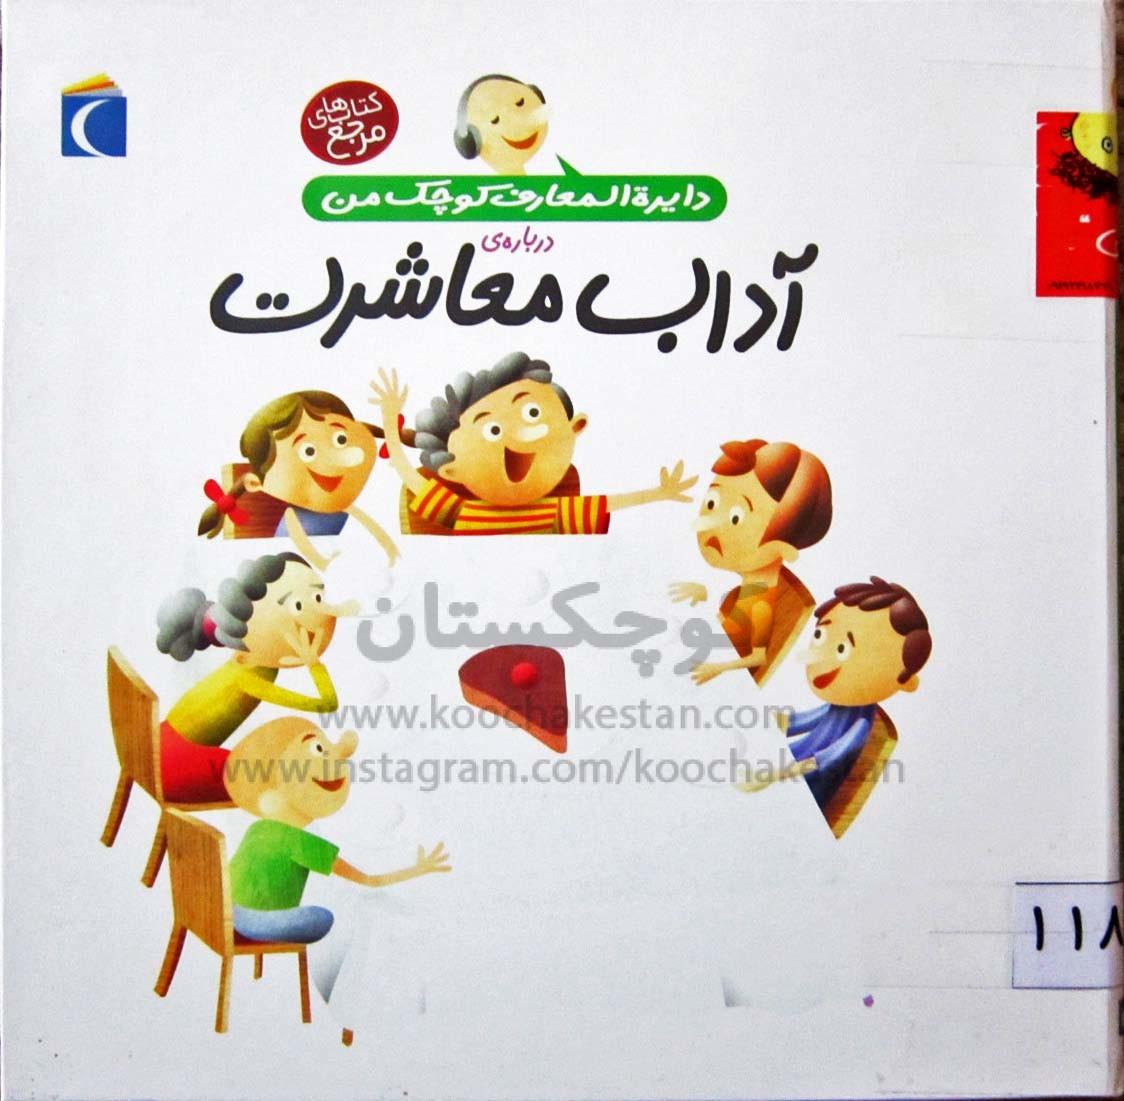 آداب معاشرت - کتابخانه کودک - کوچکستان